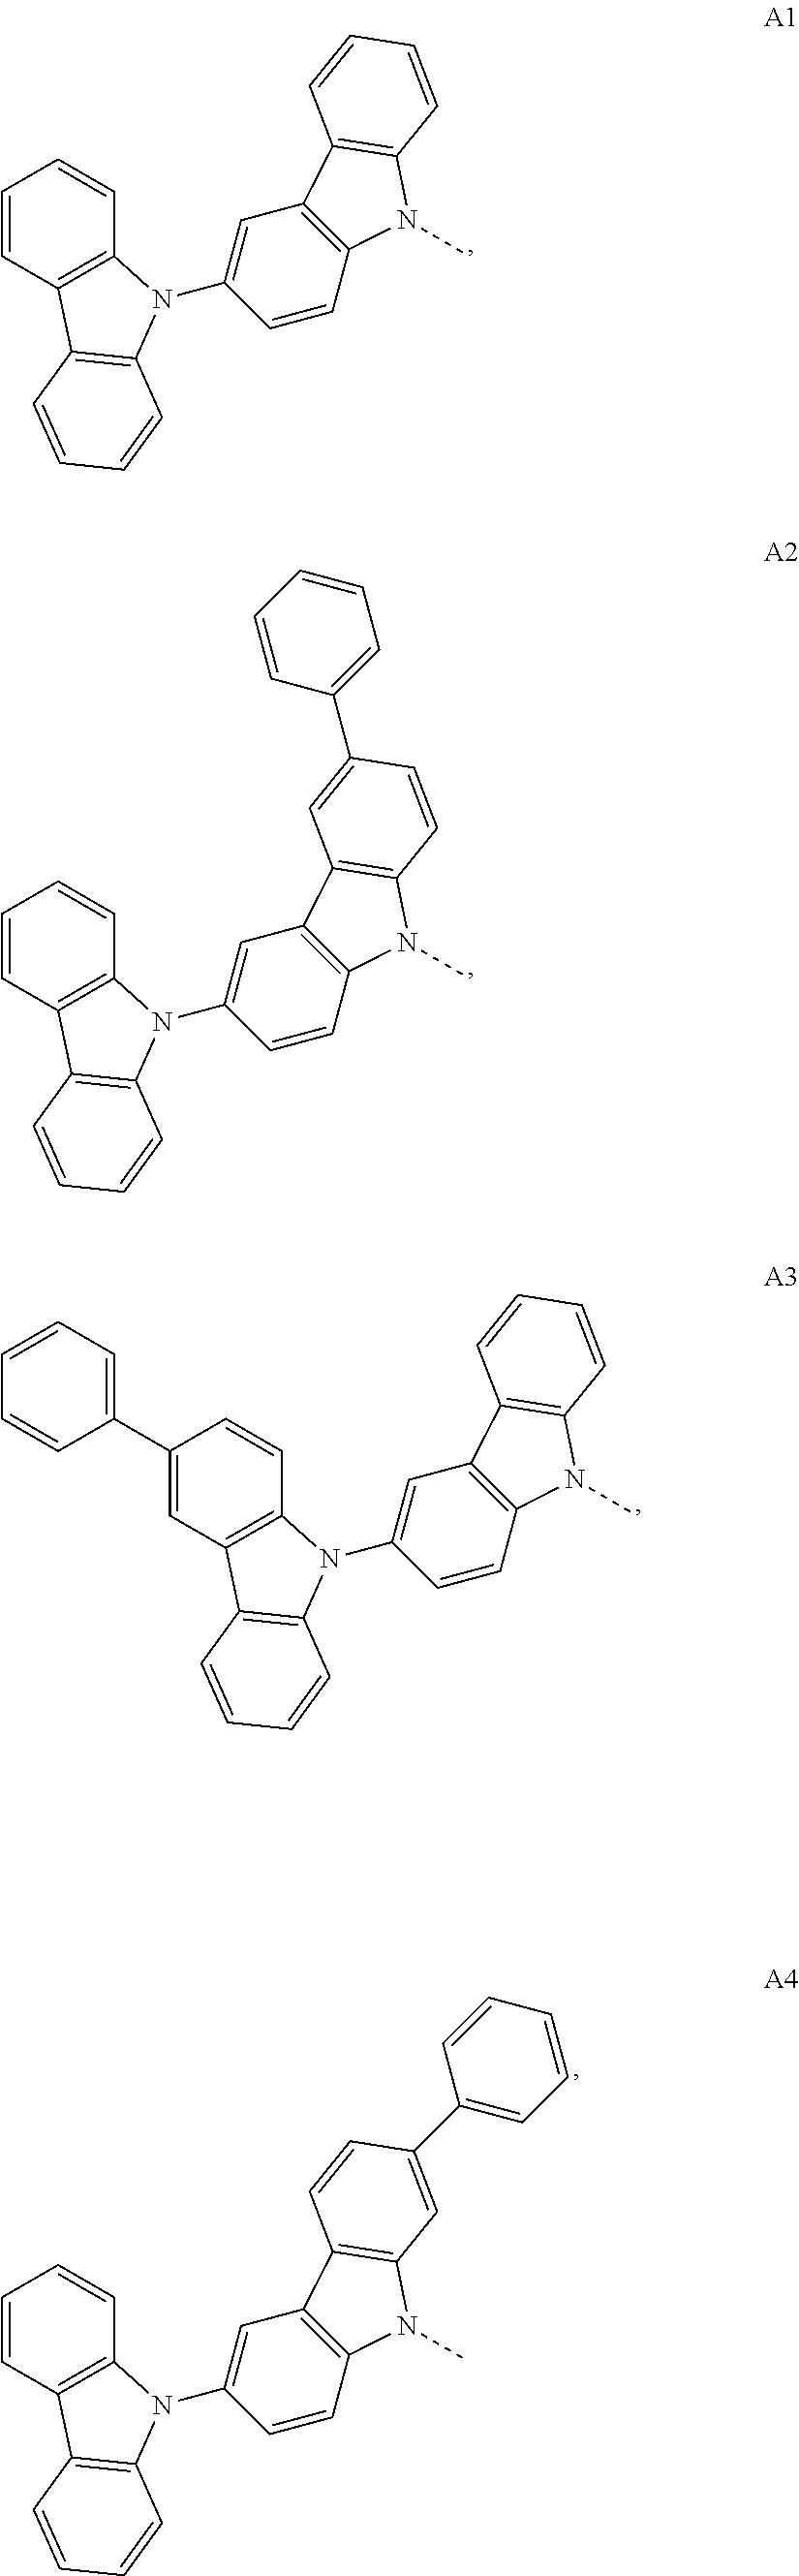 Figure US09876173-20180123-C00006